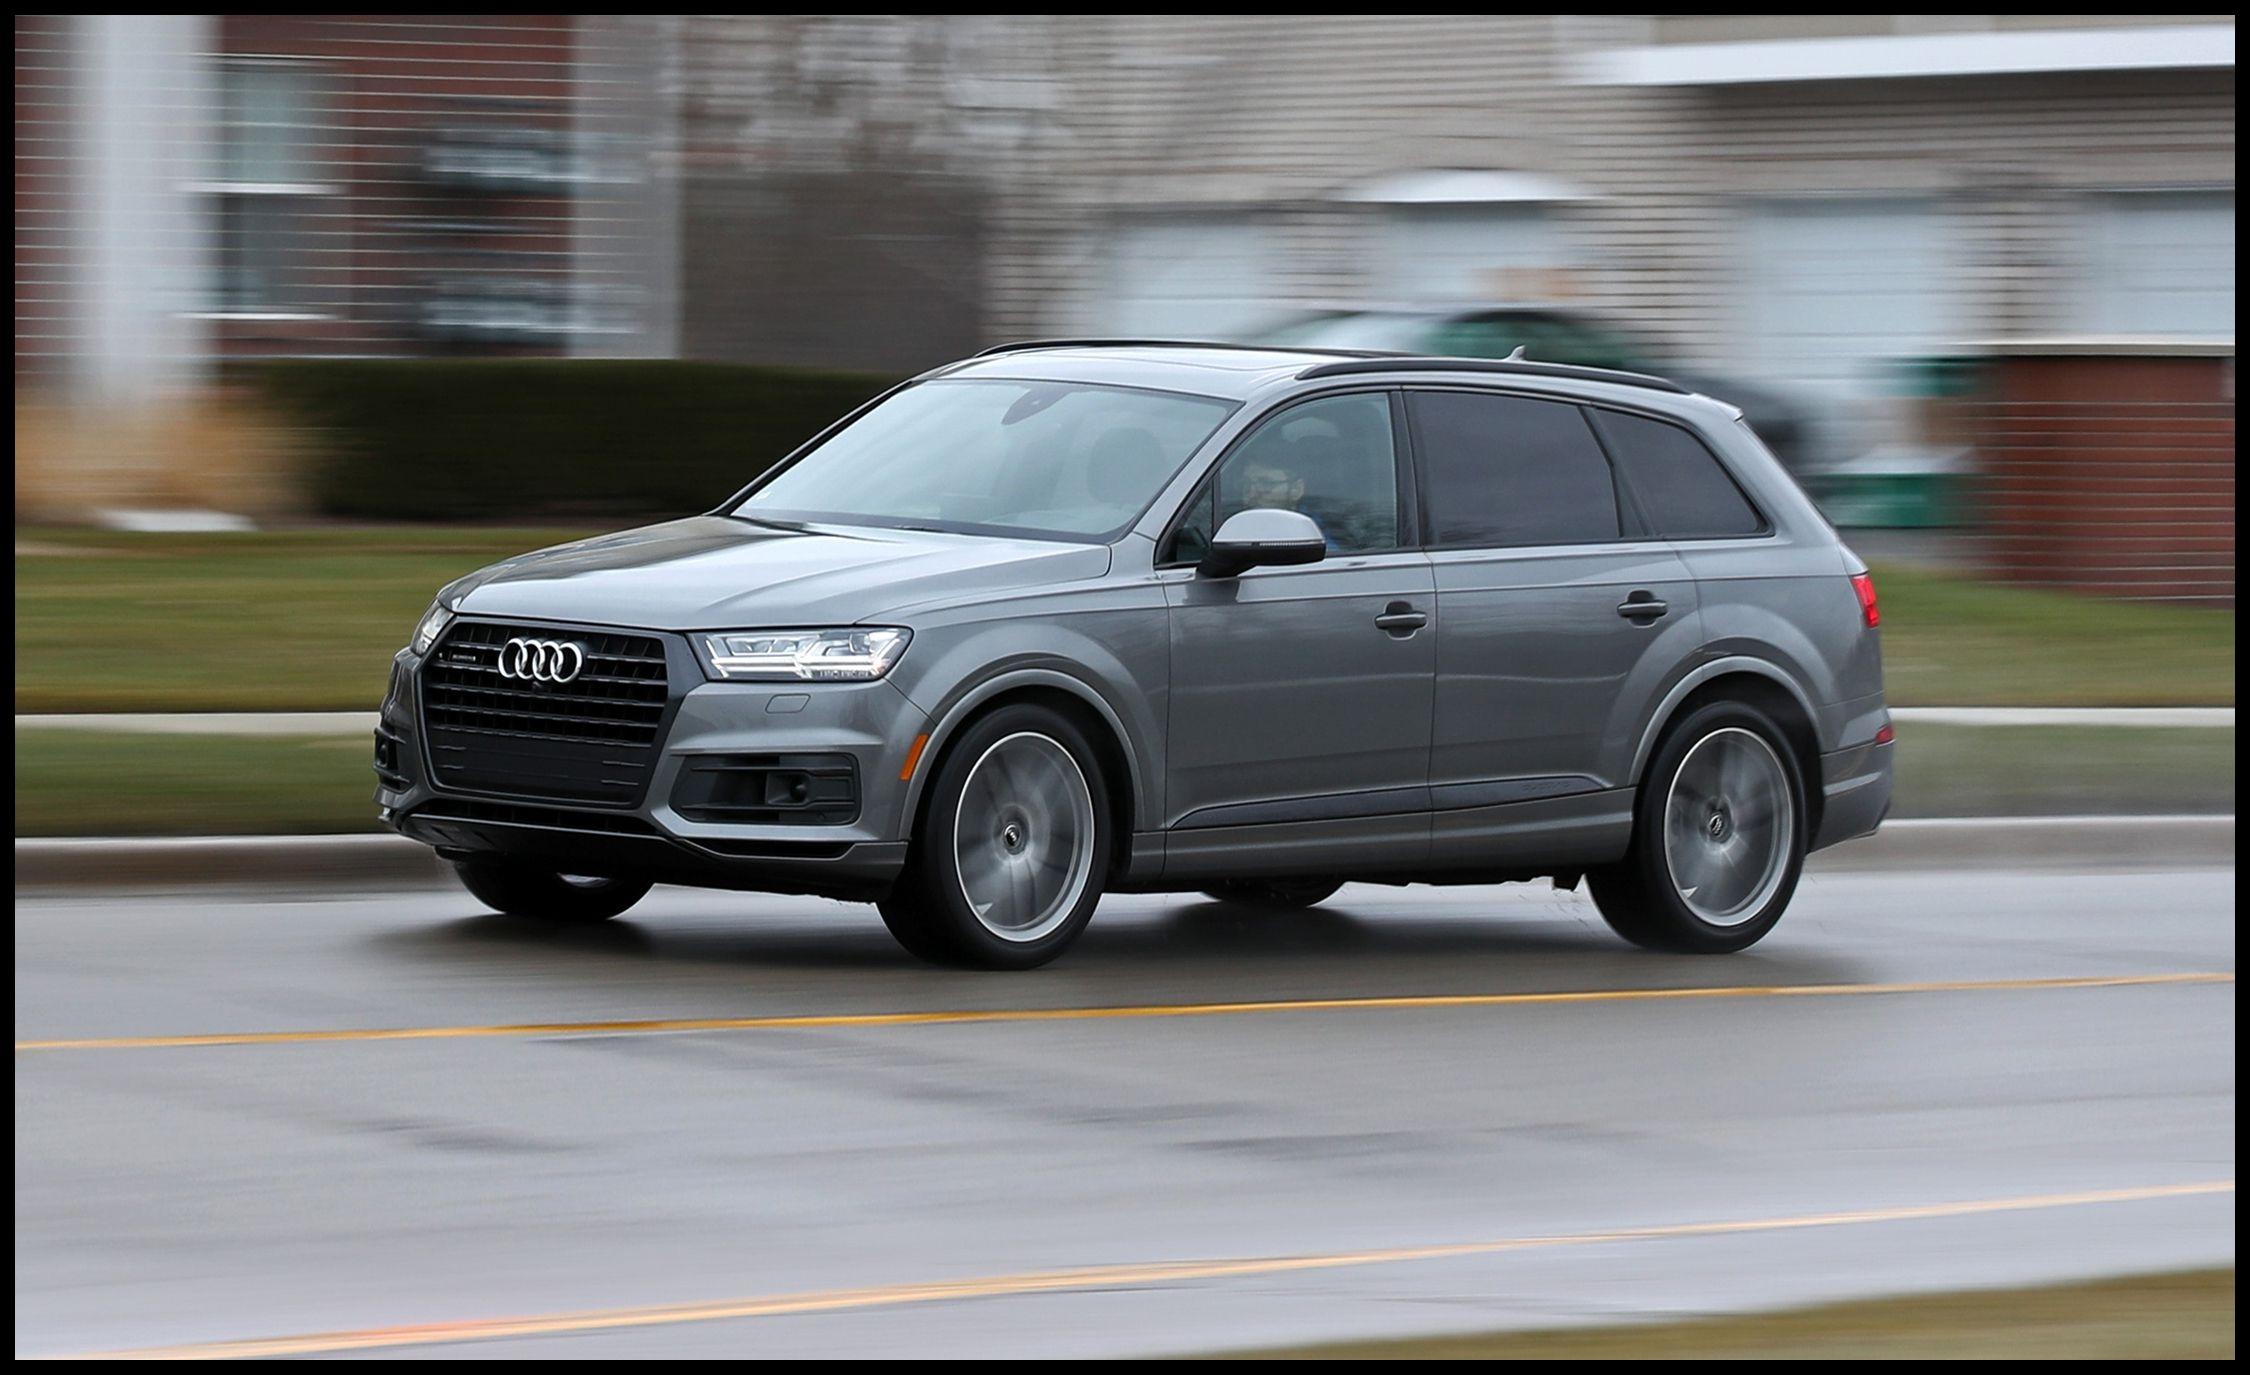 2017 Audi Q7 101